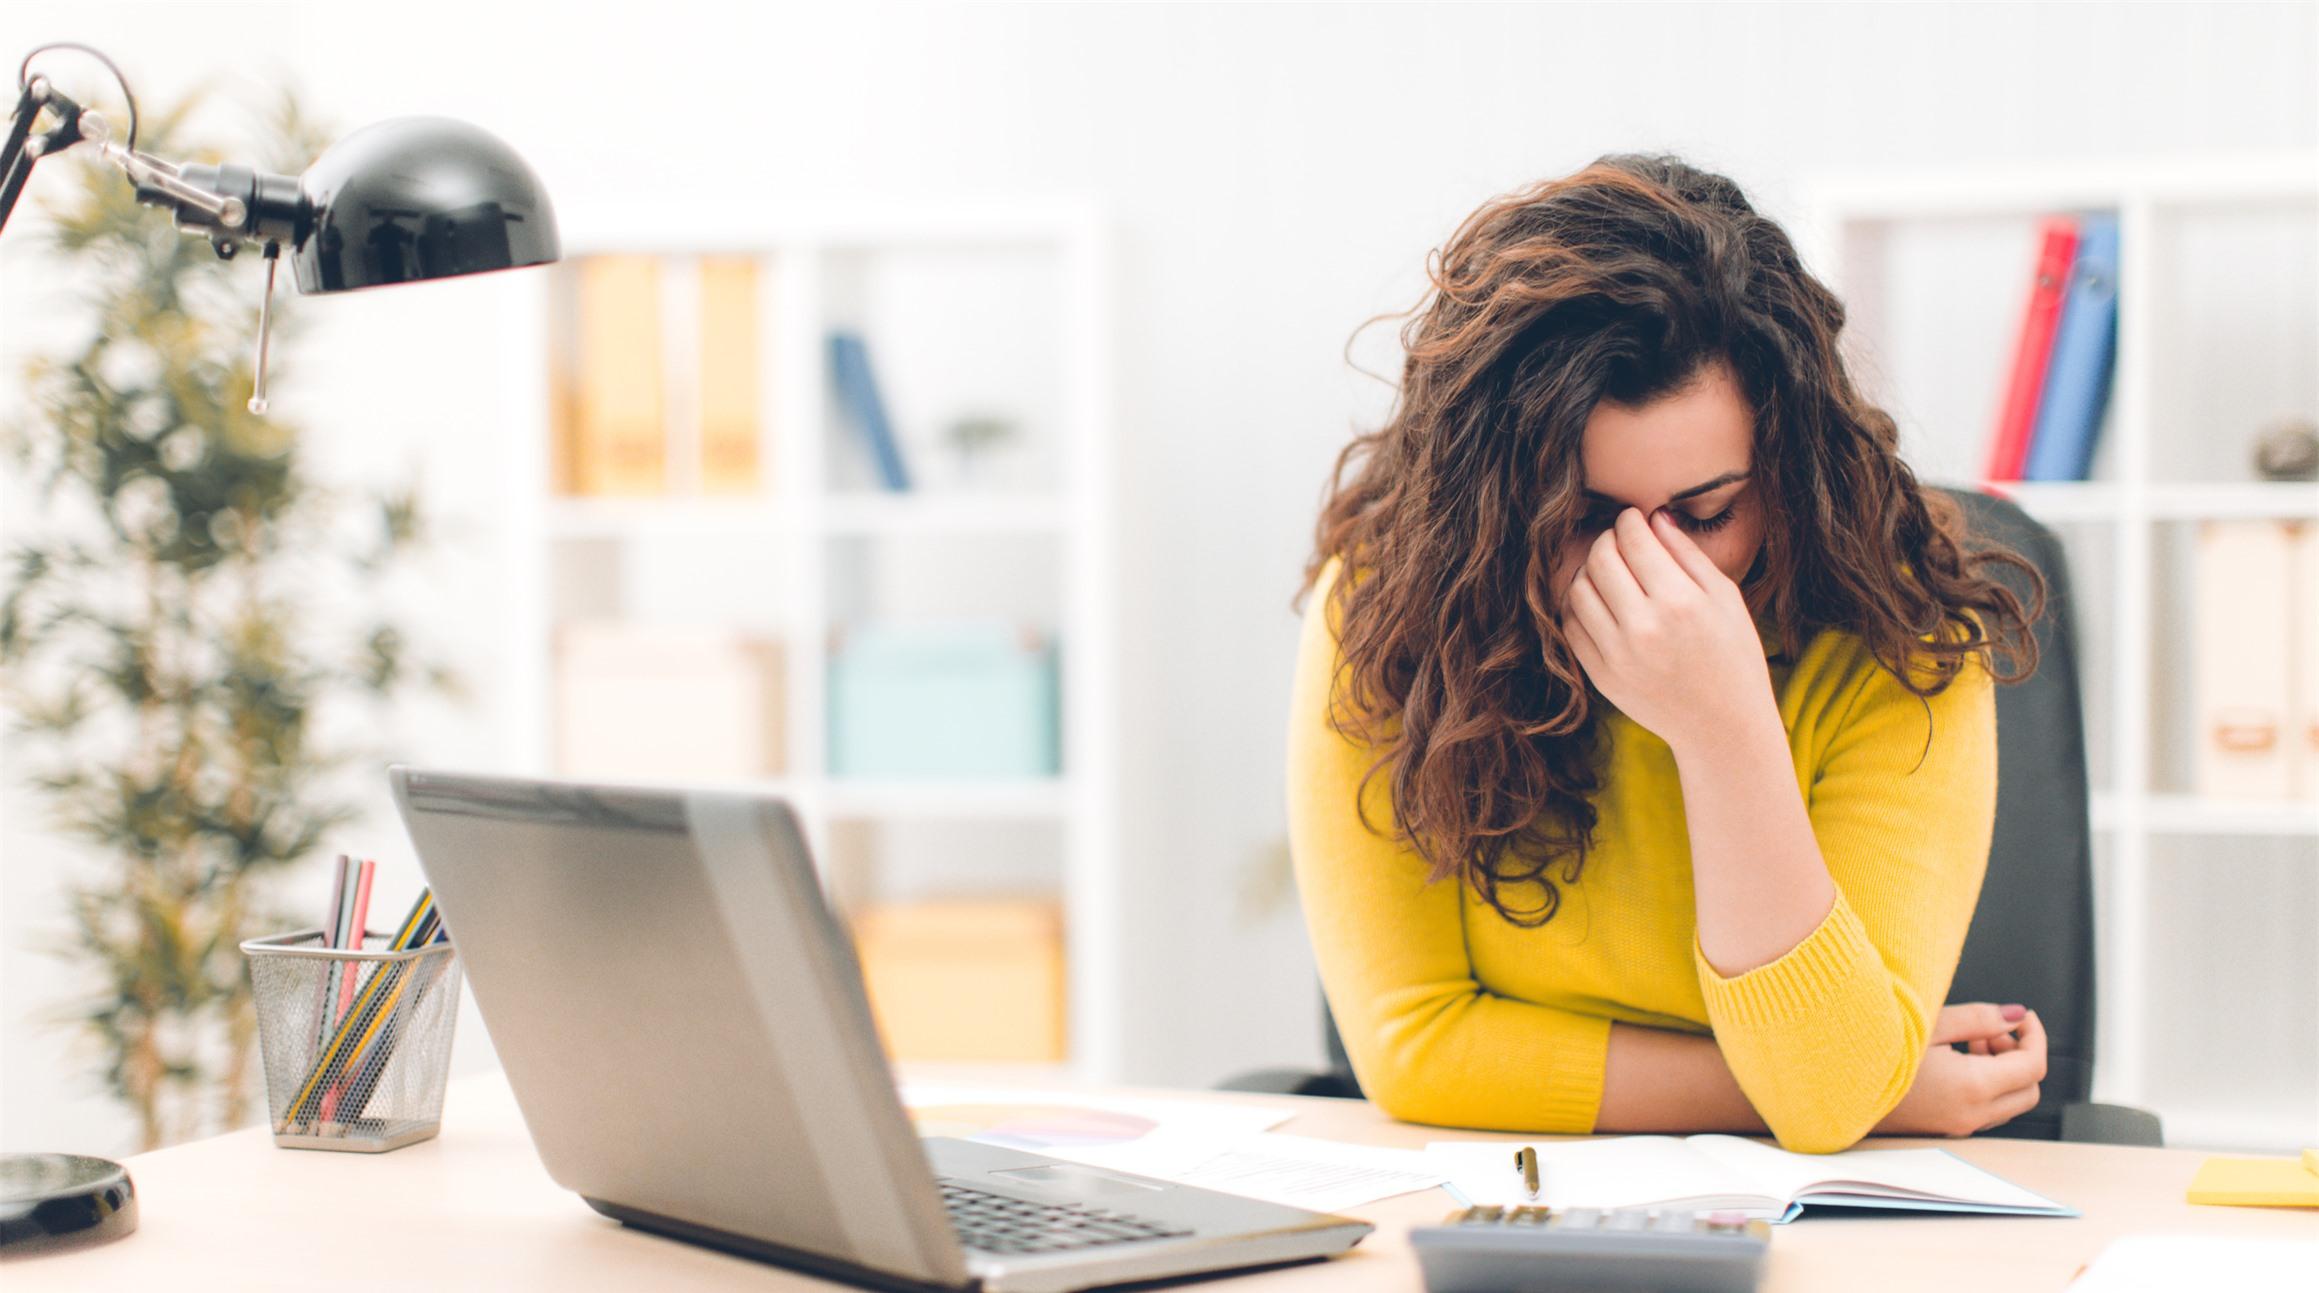 4 lỗi sai khi mua nhà lần đầu bạn cần tránh - Ảnh 4.